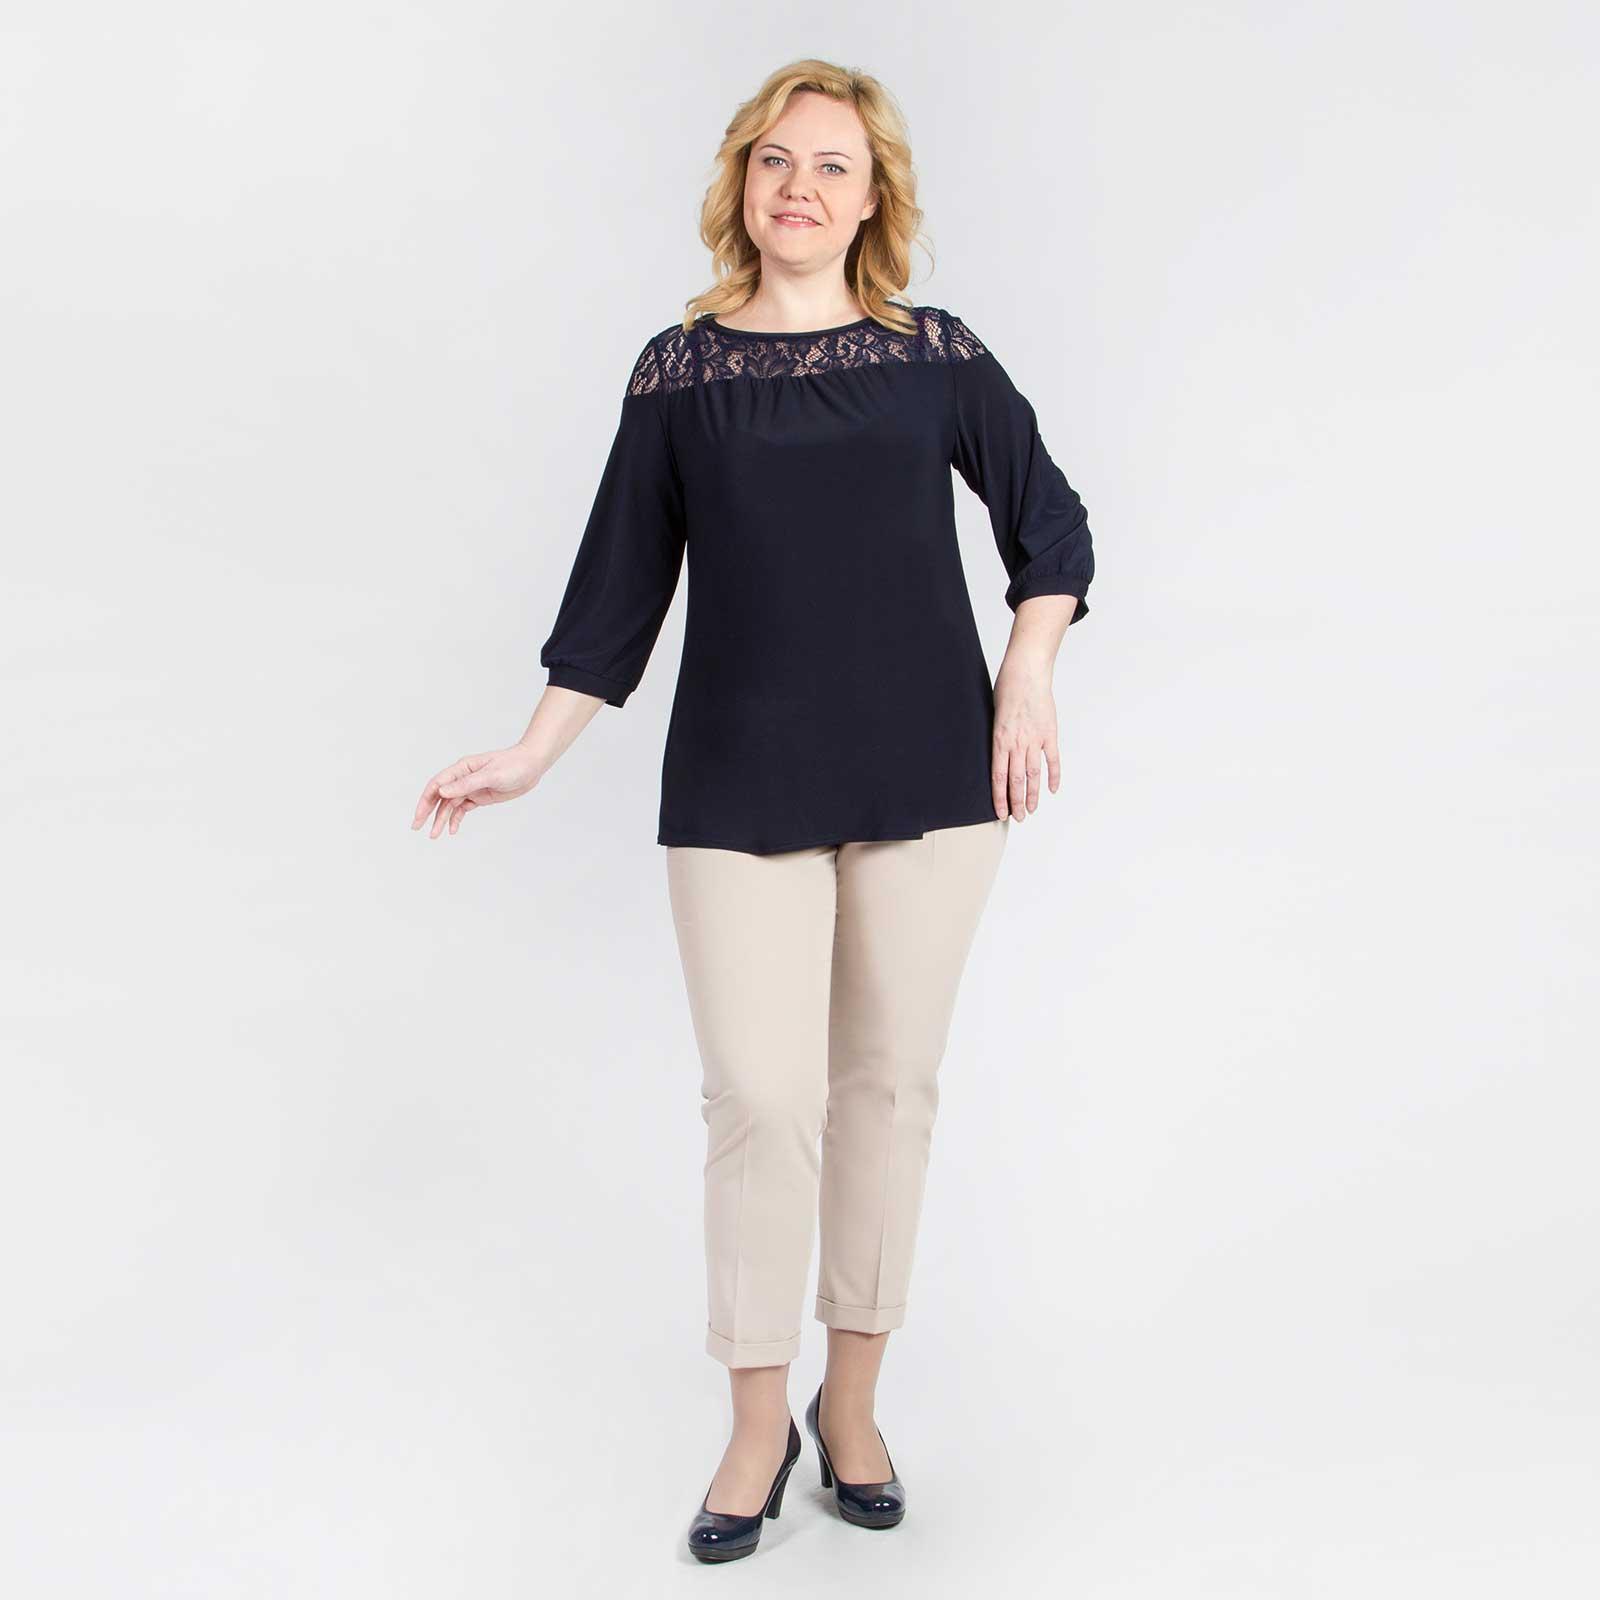 Блуза прямого кроя с гипюровой кокеткой виброплатформы для похудения в алматы в интернет магазине